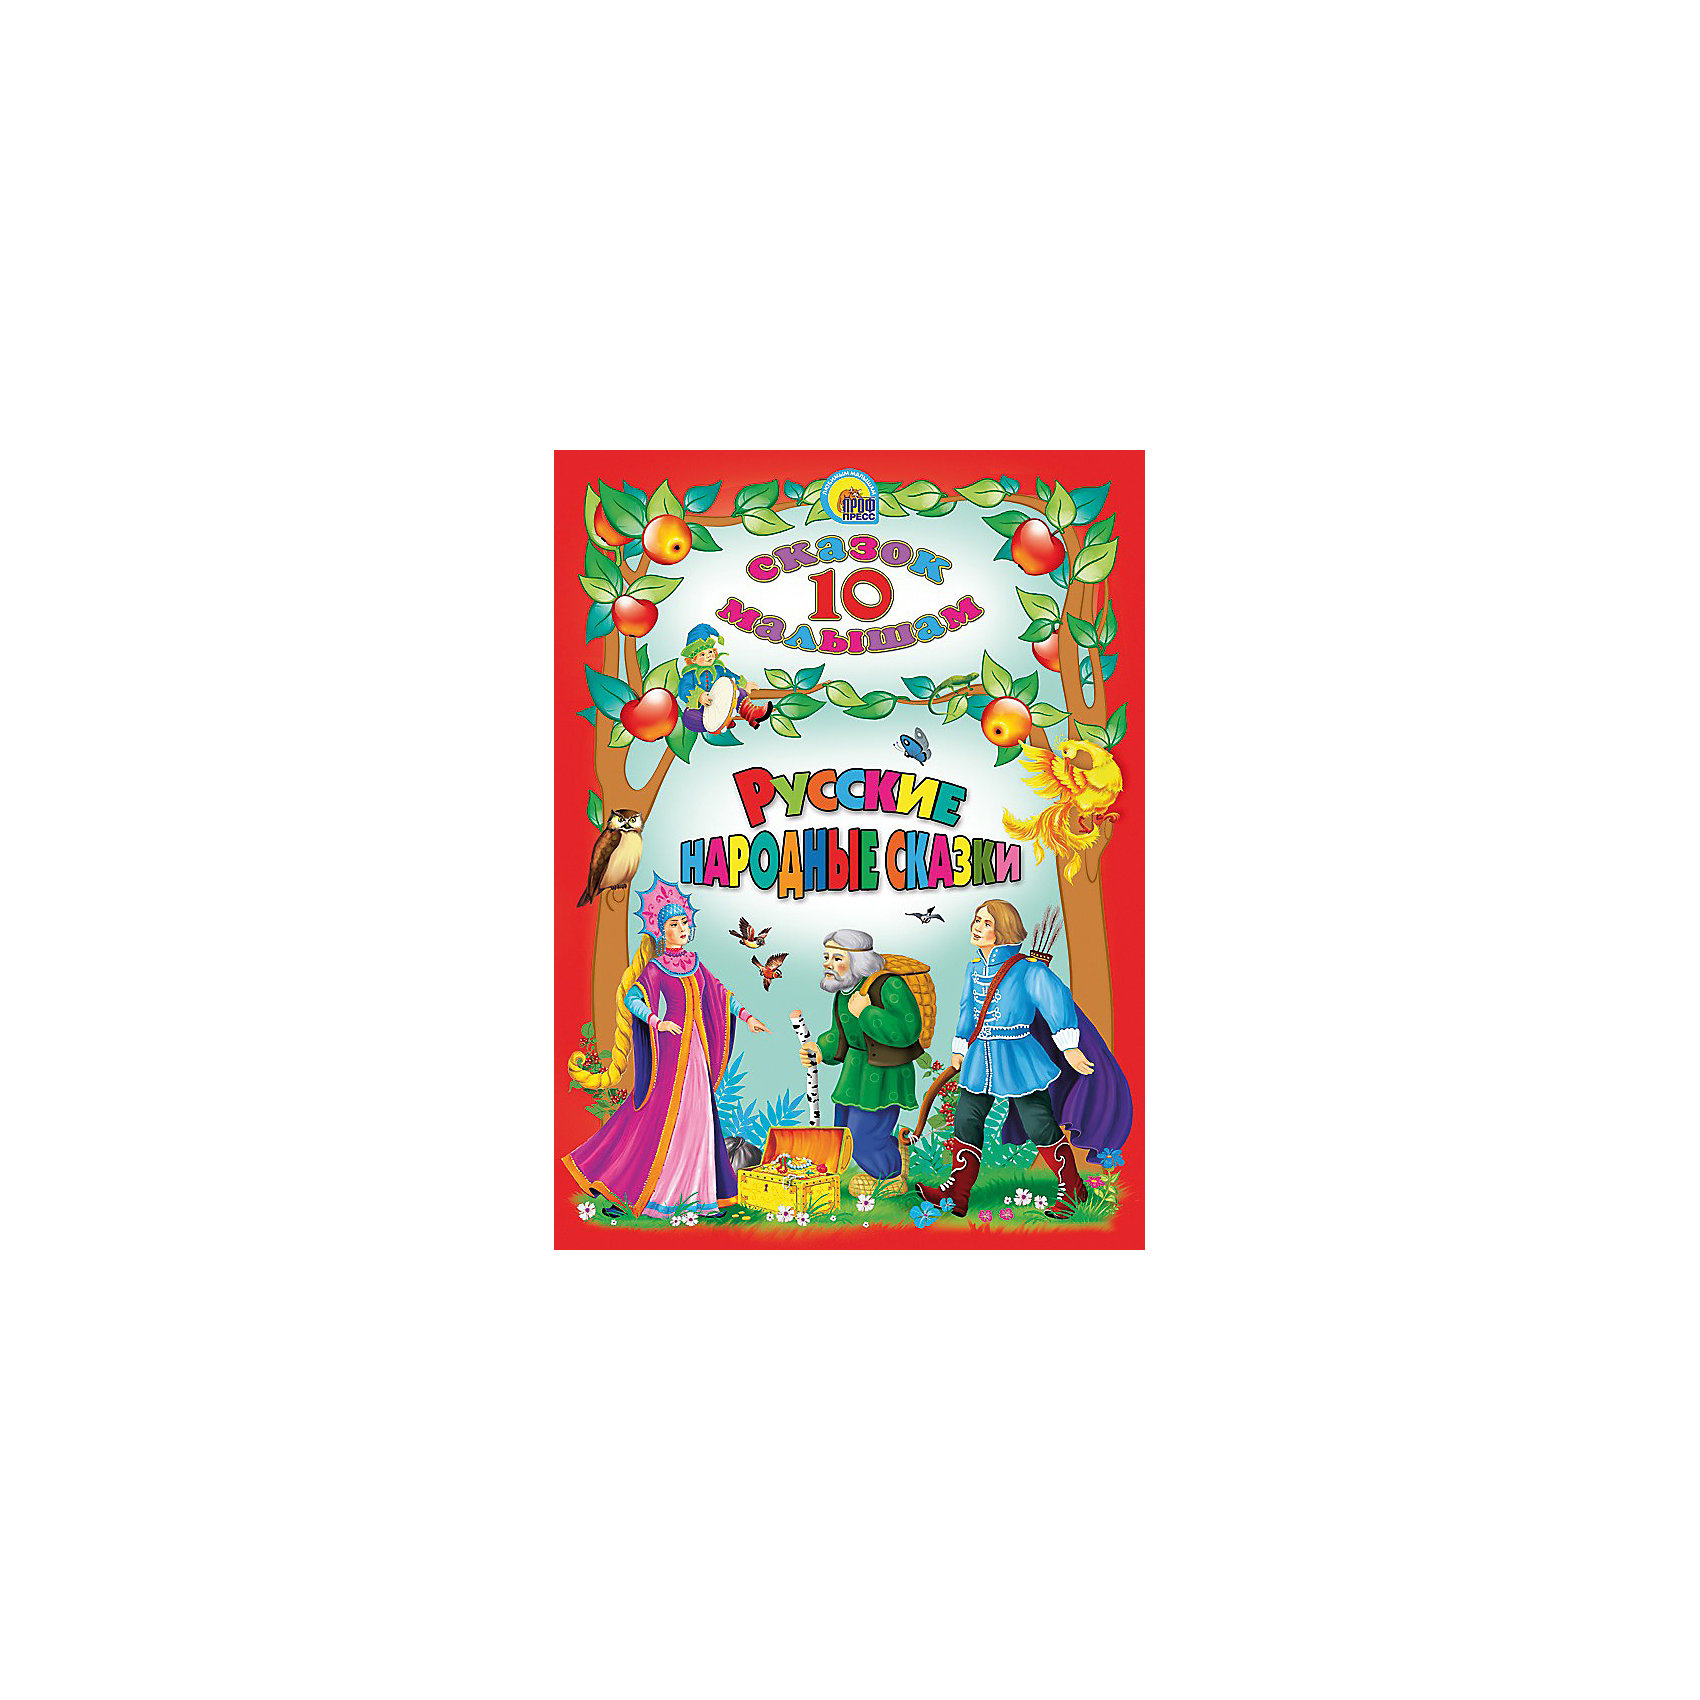 Проф-Пресс Сборник 10 сказок малышам Русские народные сказки проф пресс сборник 10 сказок малышам русские народные сказки